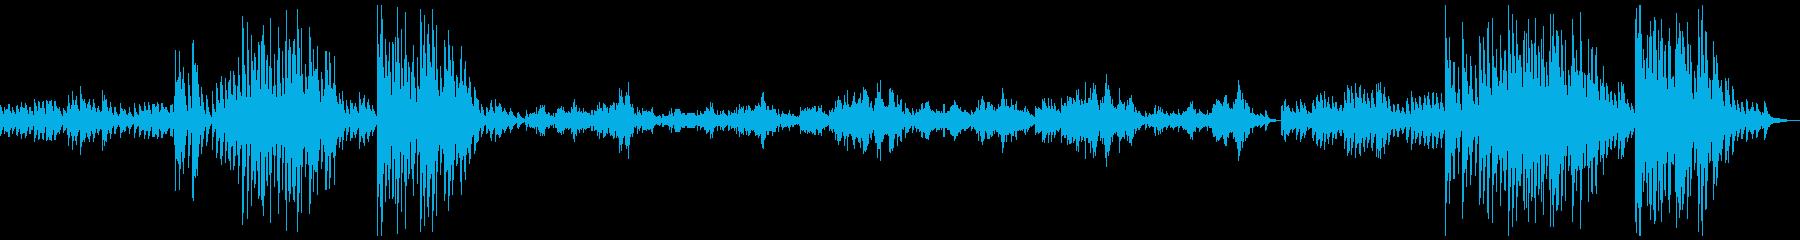 ショパン 葬送行進曲の再生済みの波形